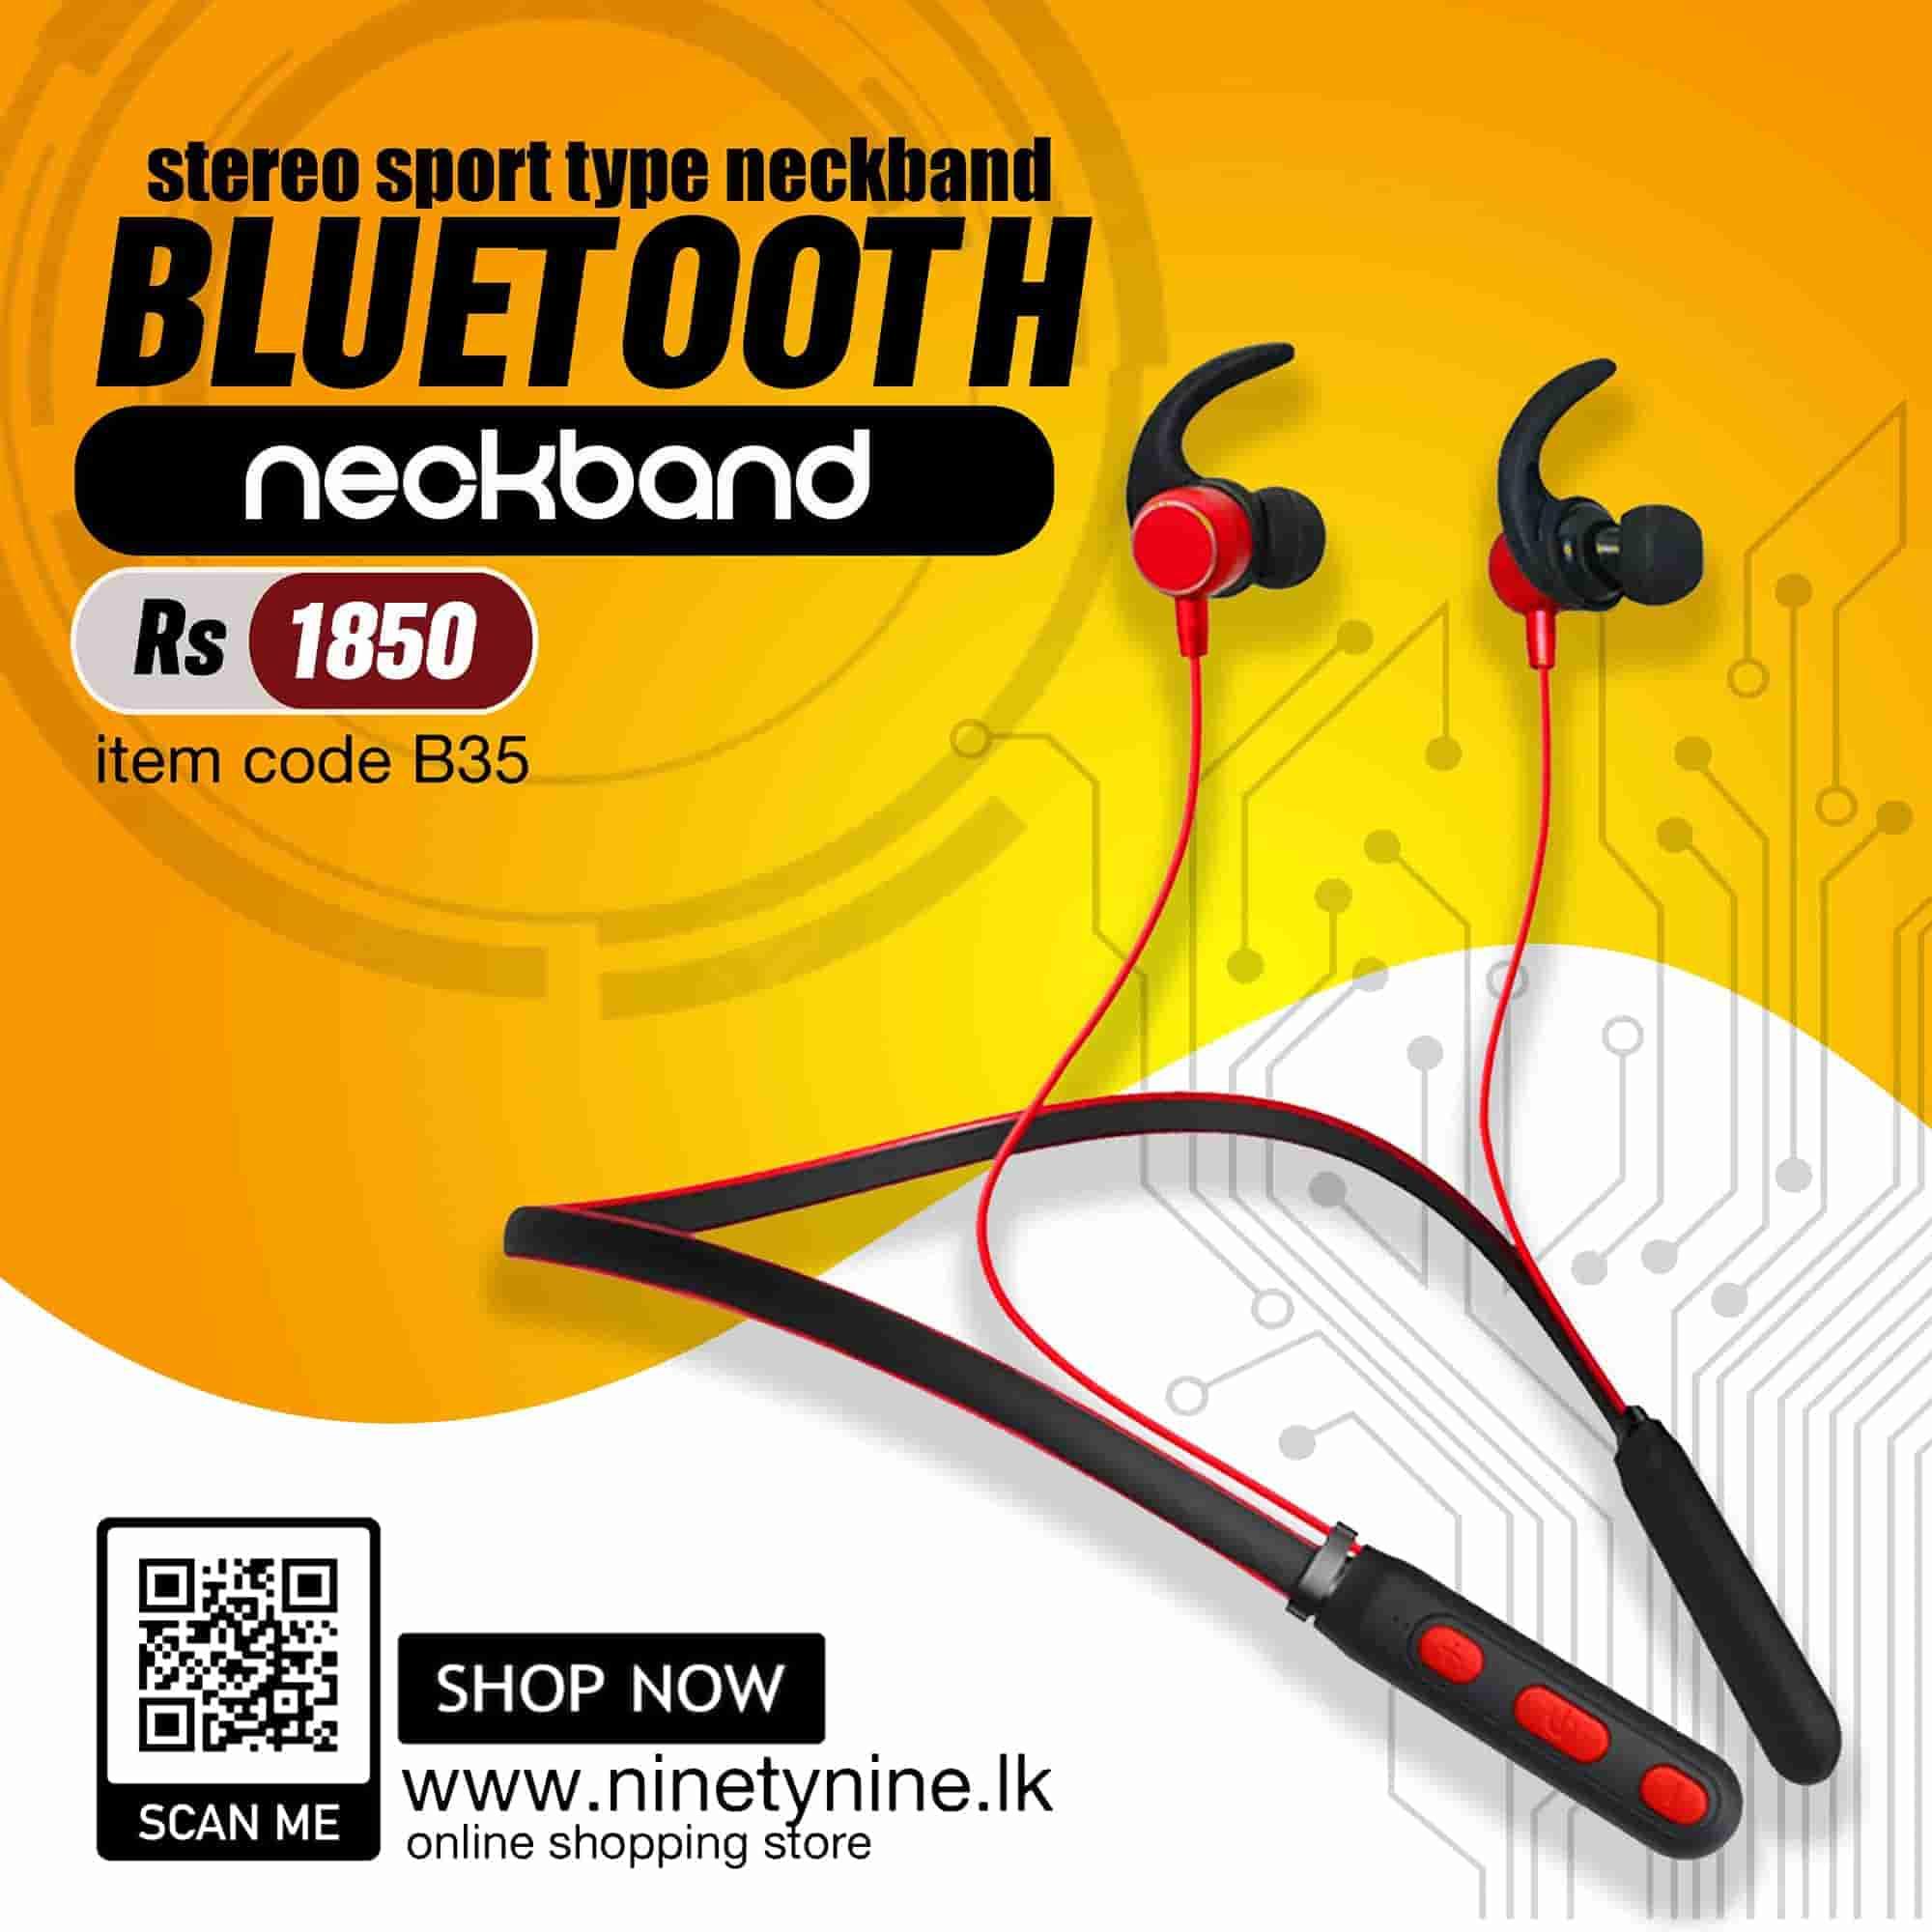 bluetooth neckband22-min-min-min